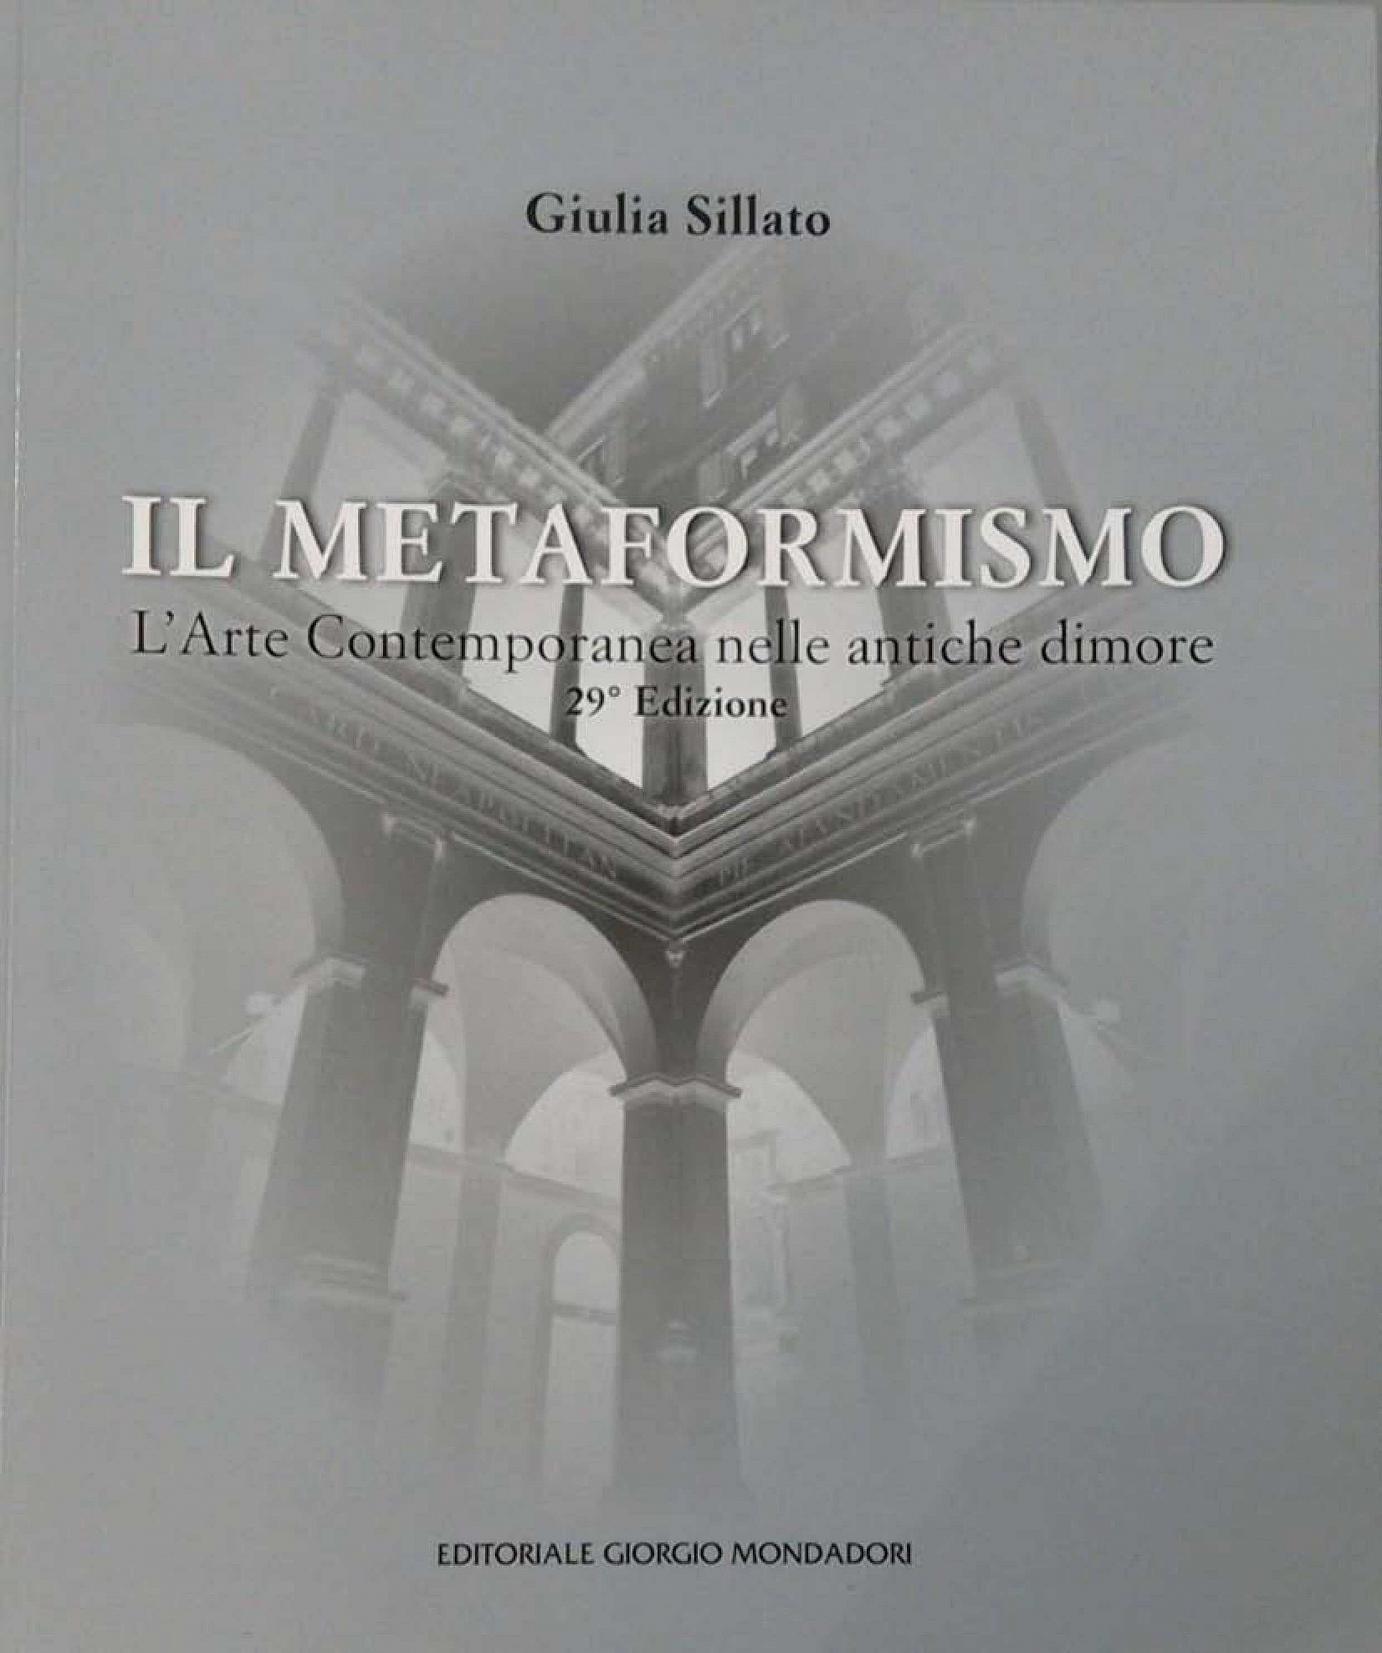 ilmetaformismo-1